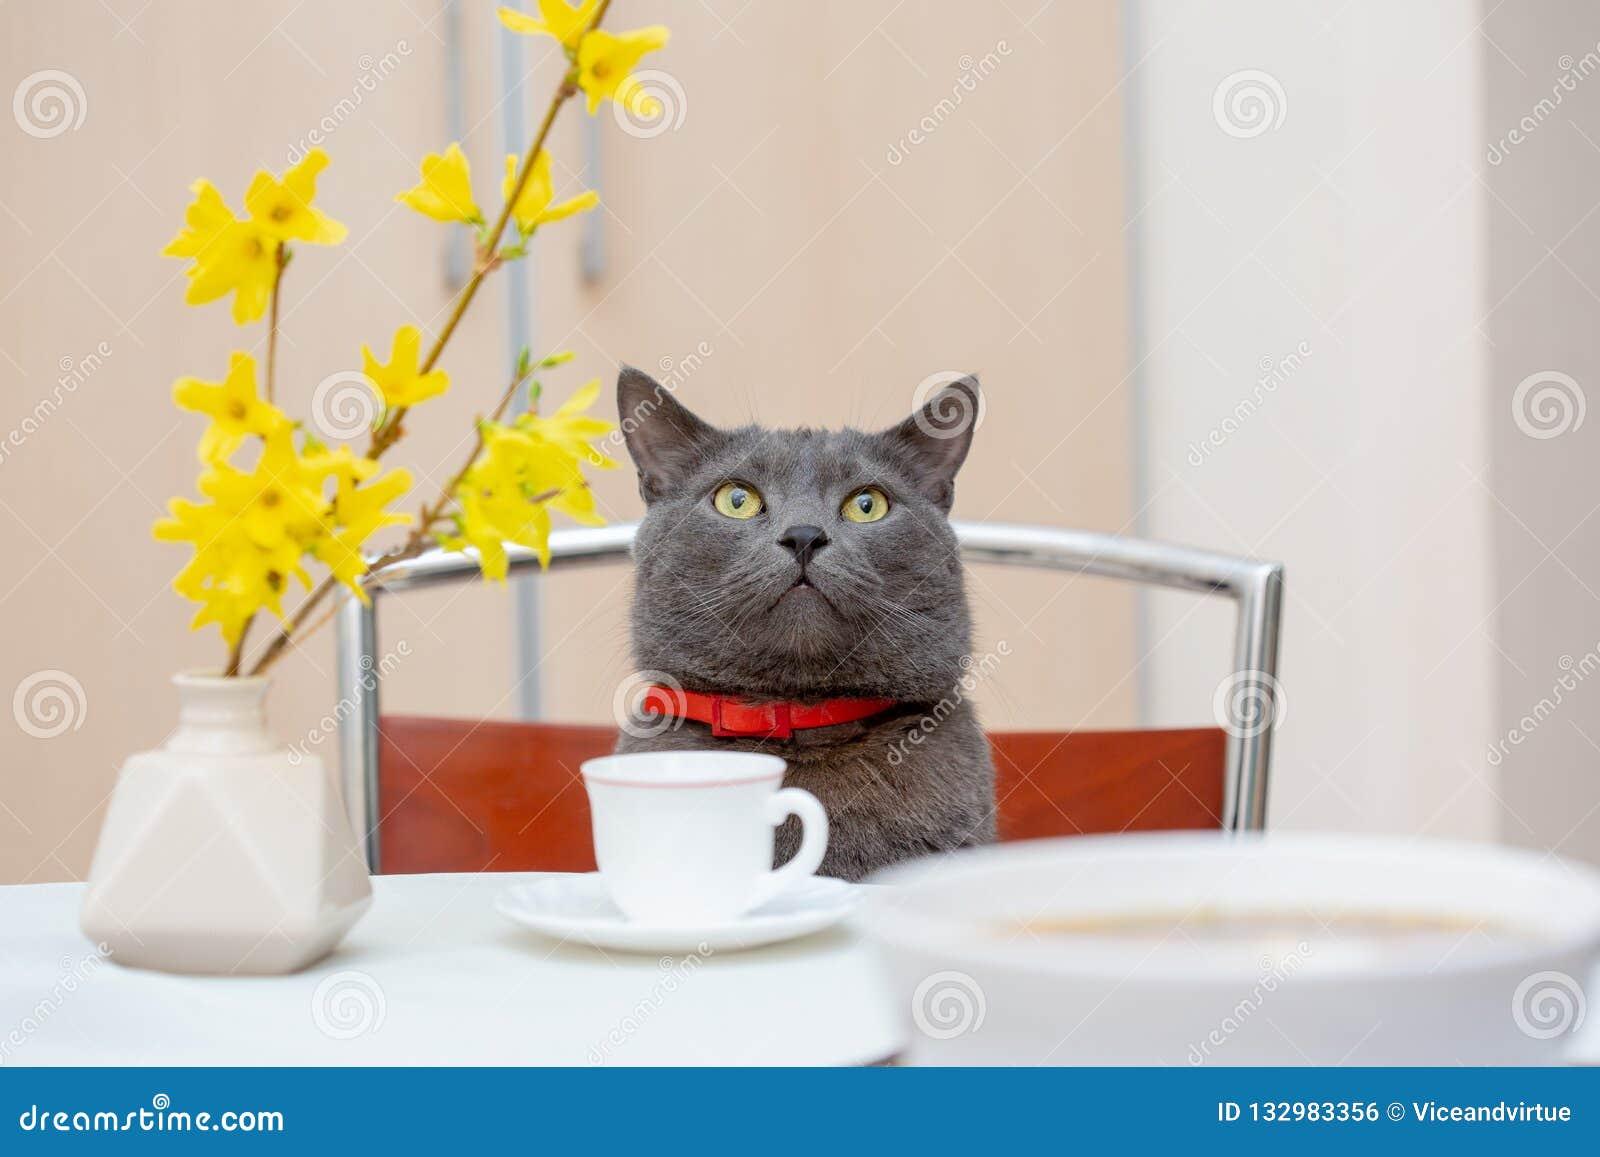 Выпивая чай вместе с прелестным серым котом